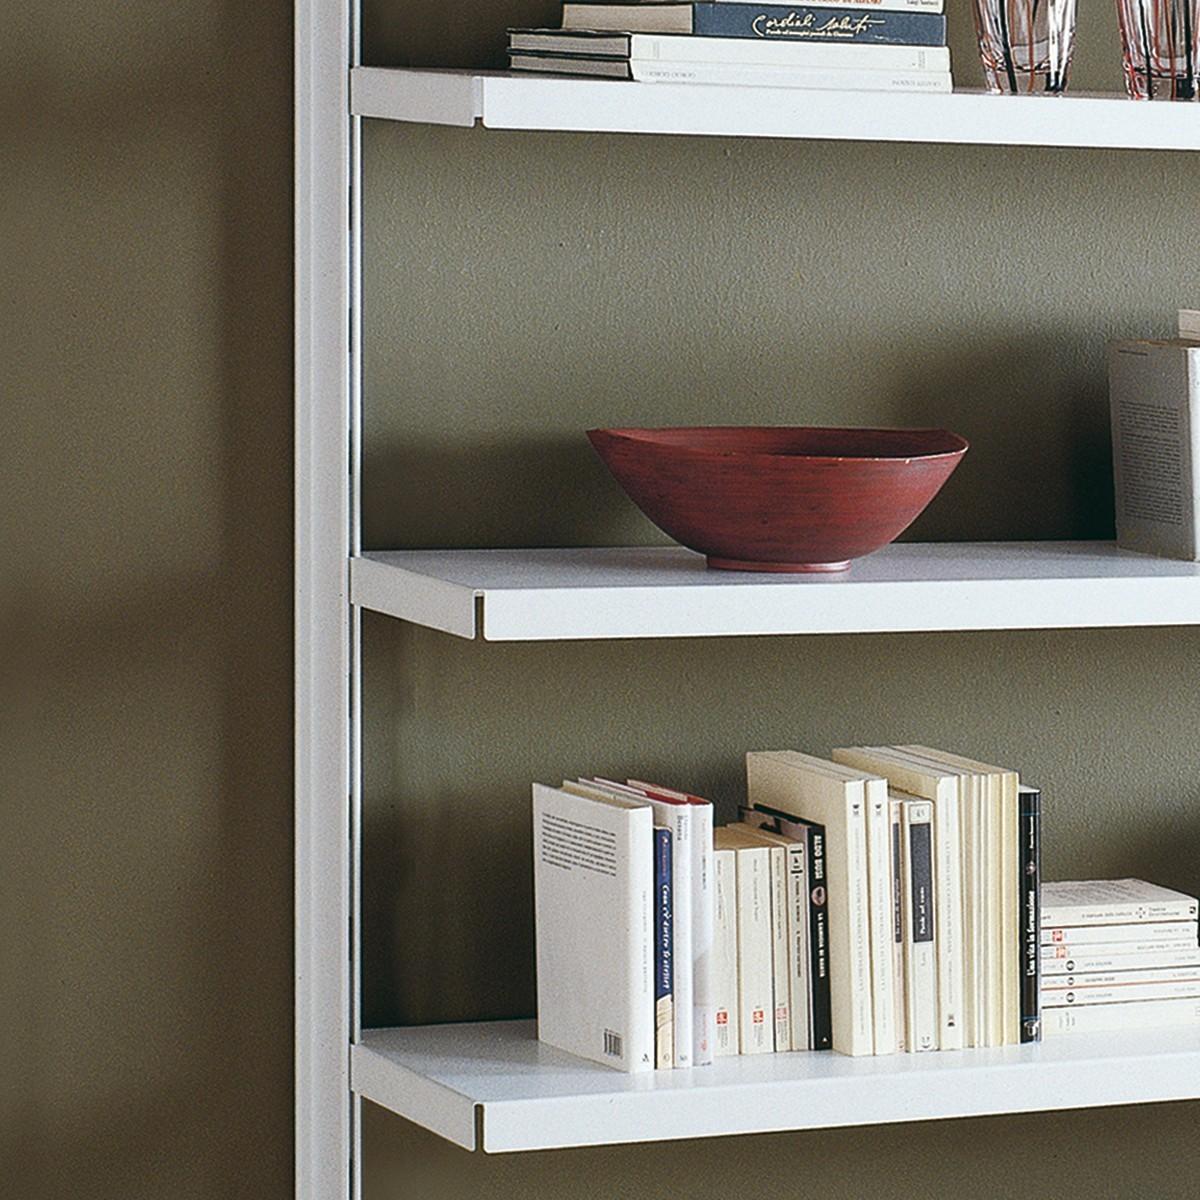 Scaffale in metallo viggo da parete per soggiorno 485 x 32 for Parete da soggiorno